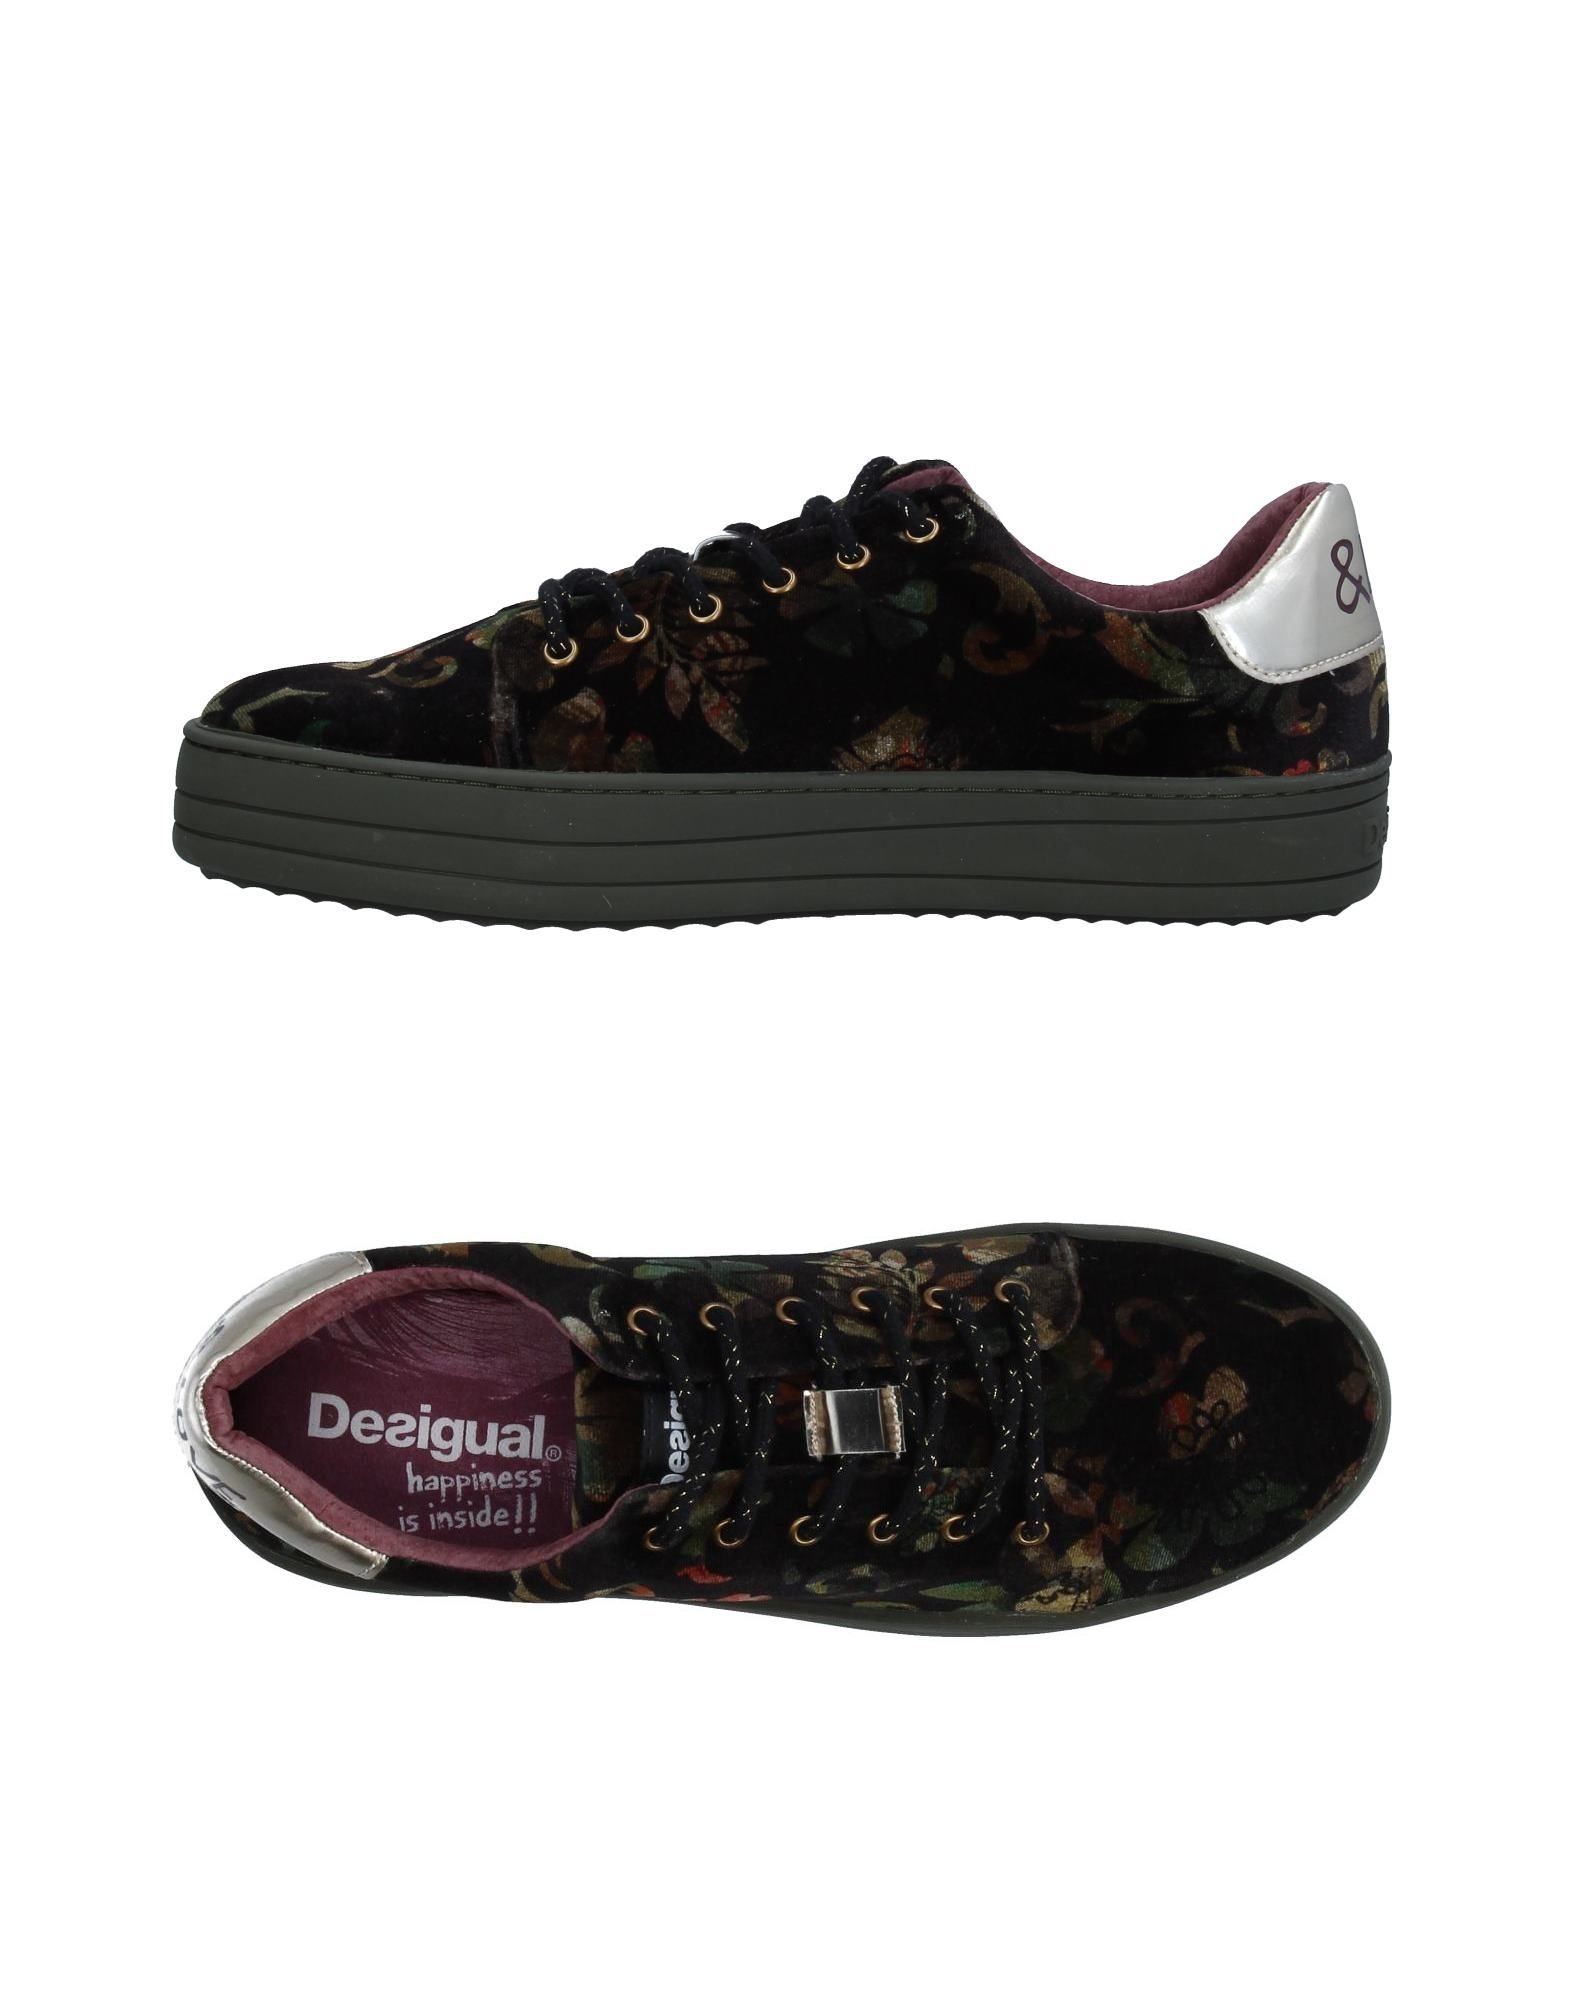 Sneakers Donna Desigual Donna Sneakers - 11338161XJ Scarpe comode e distintive 0b3396